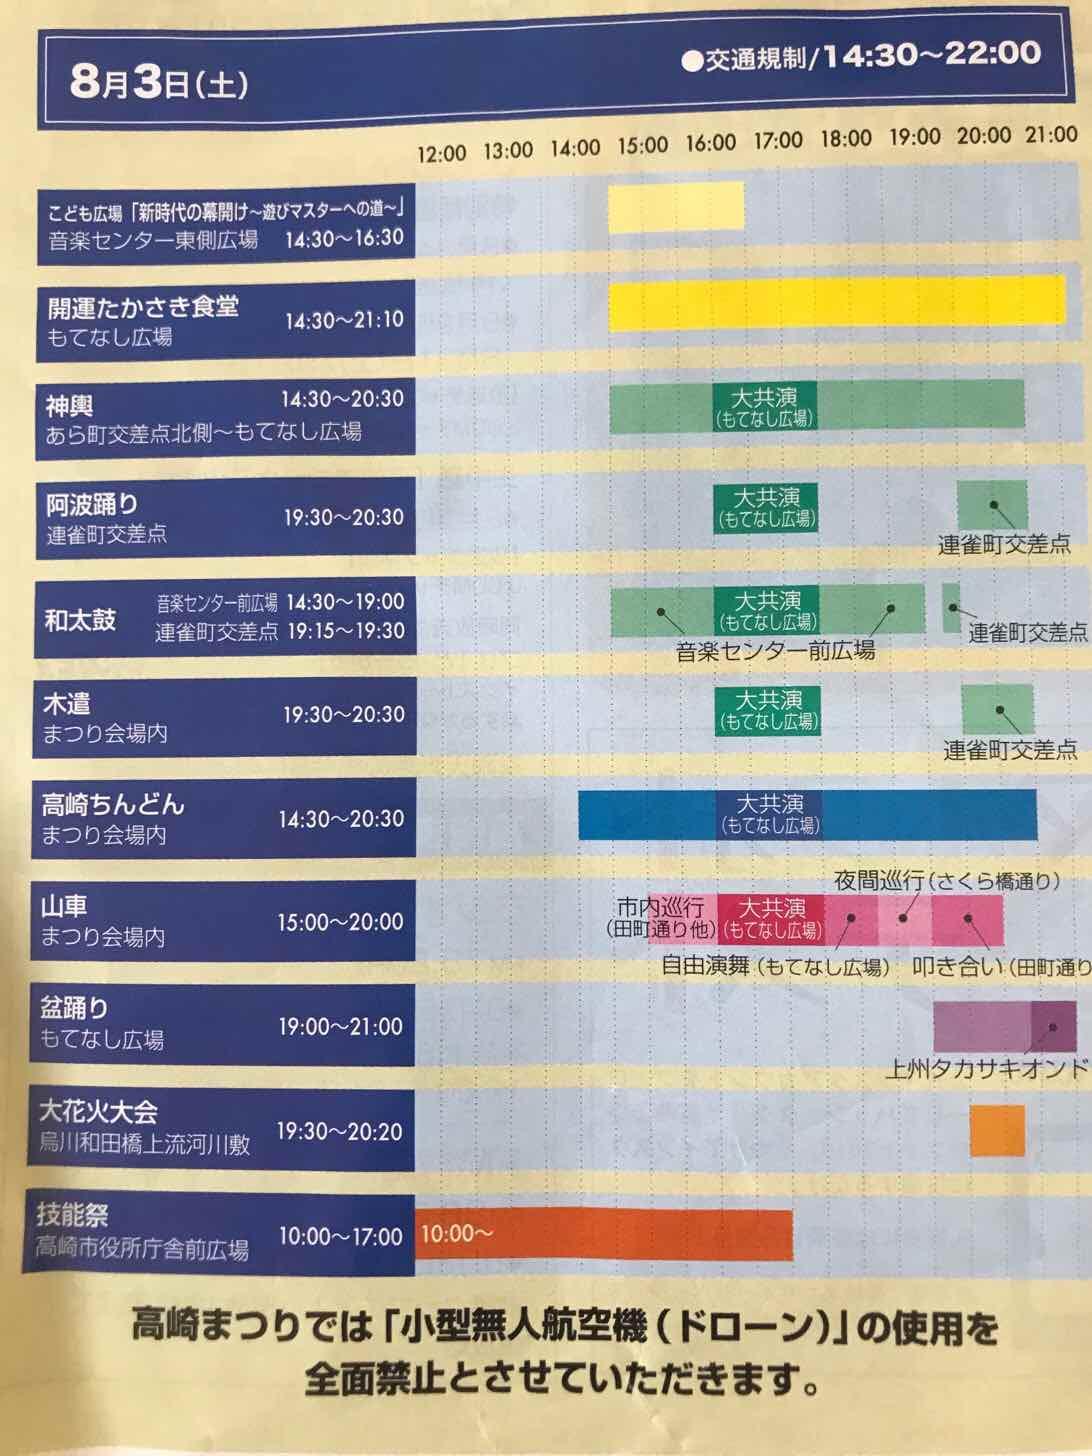 高崎祭り-タイム-3日